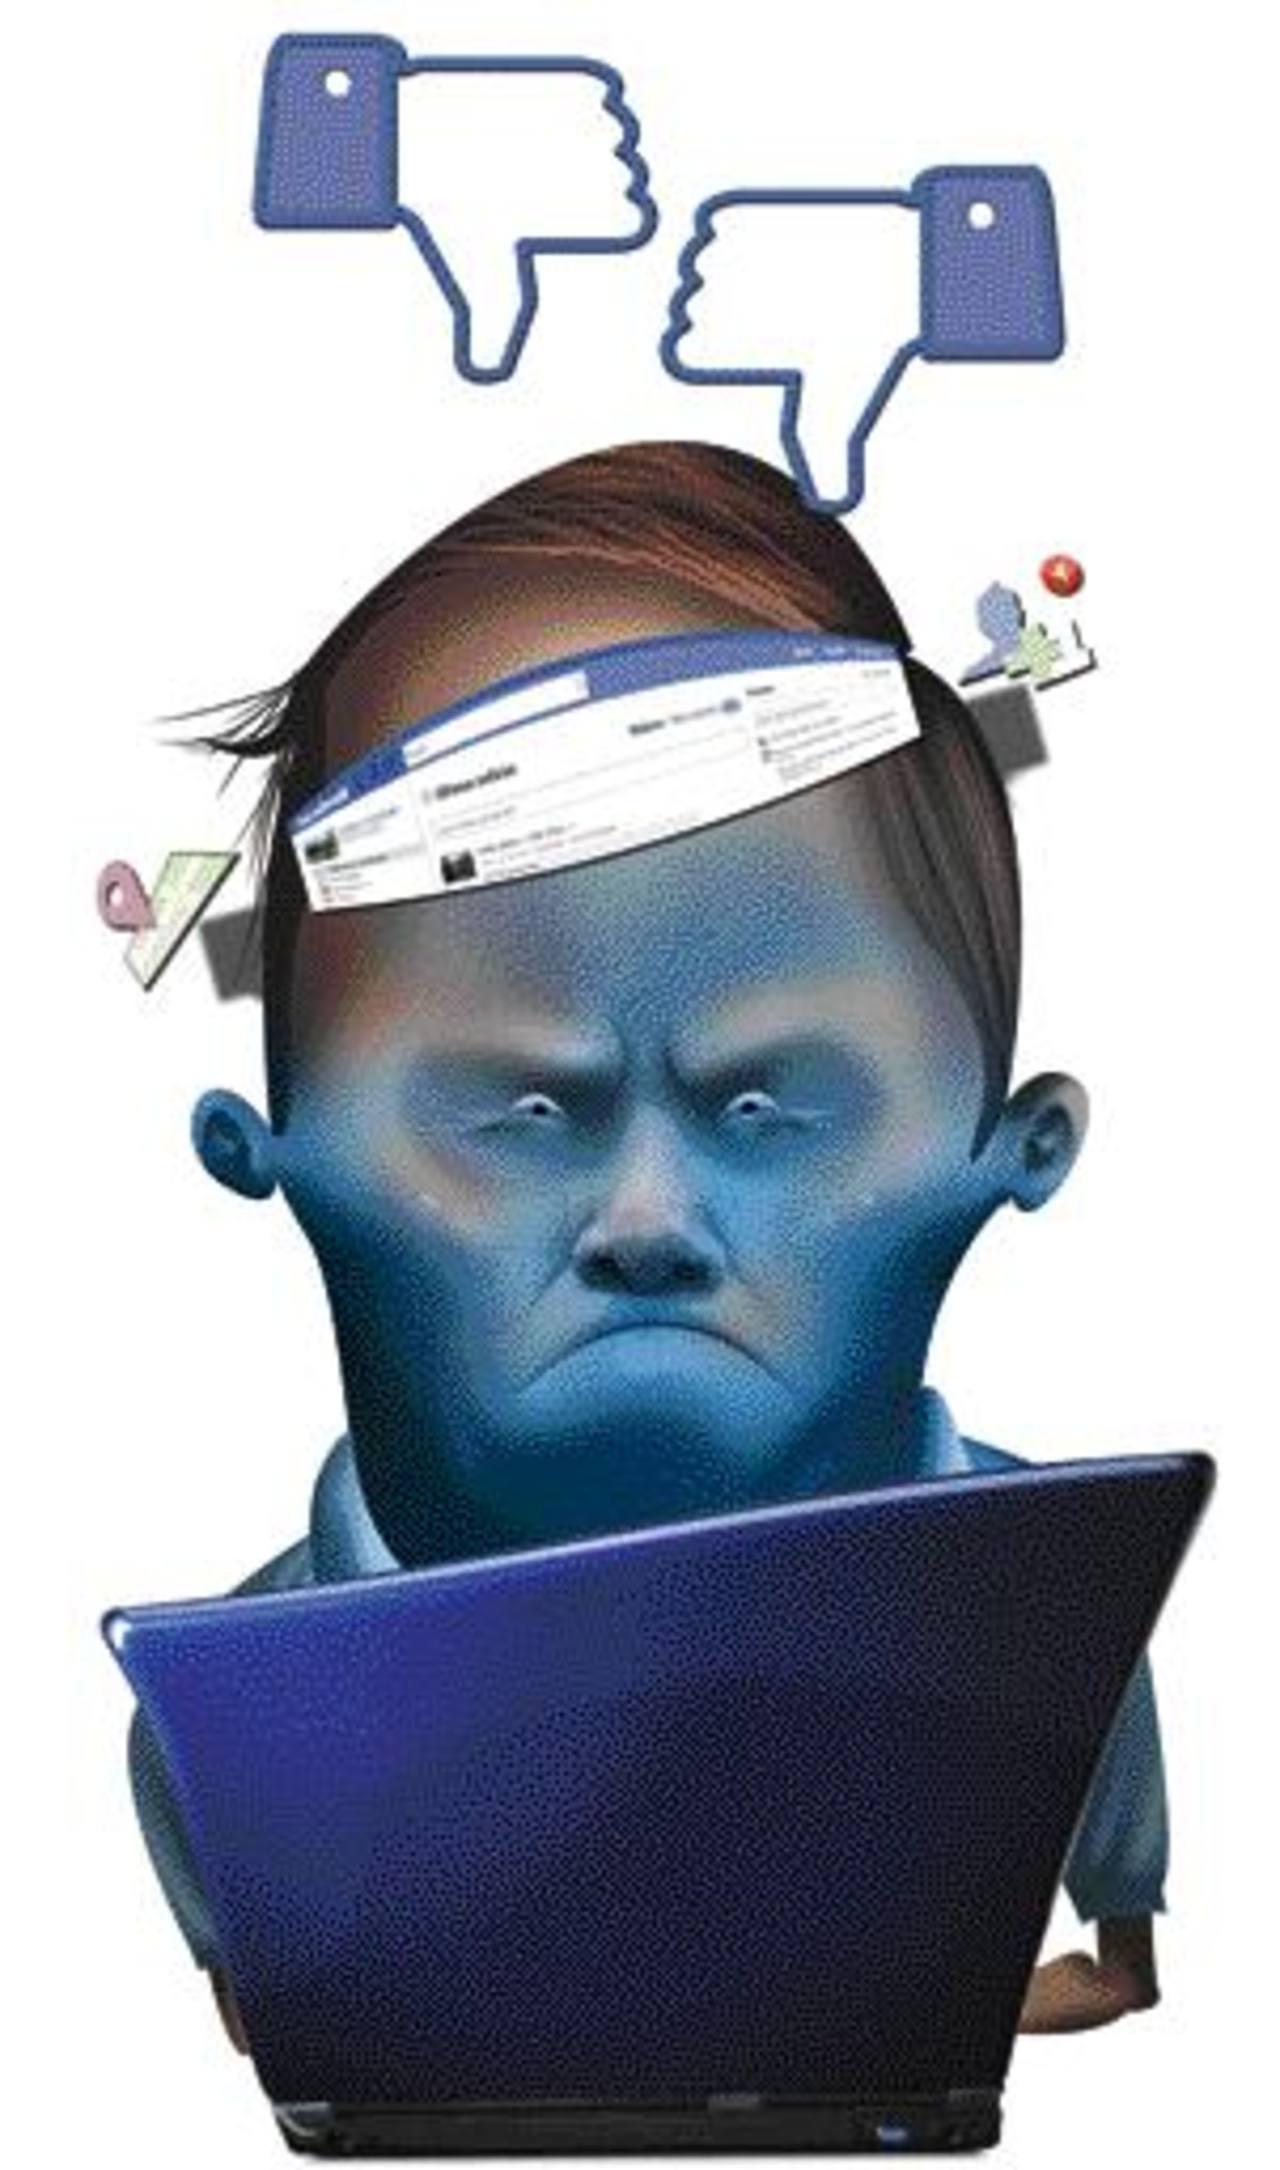 Lo más odiado de las redes sociales